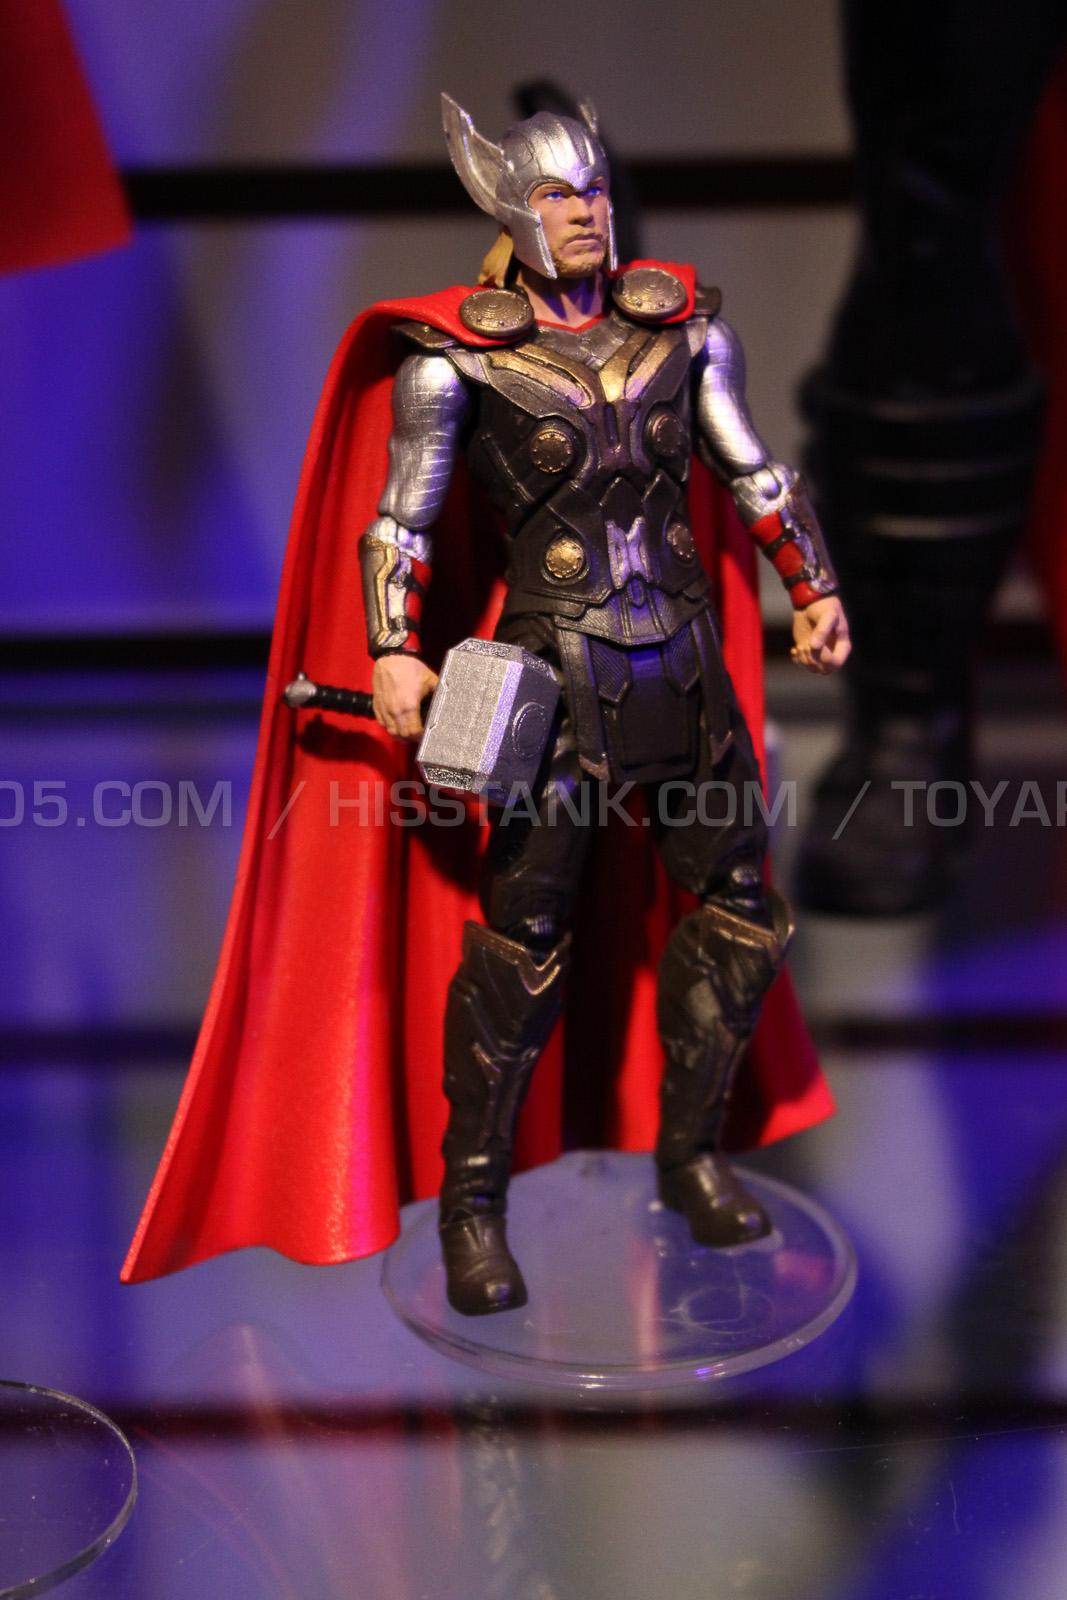 thor-dark-world-jouet-figurine